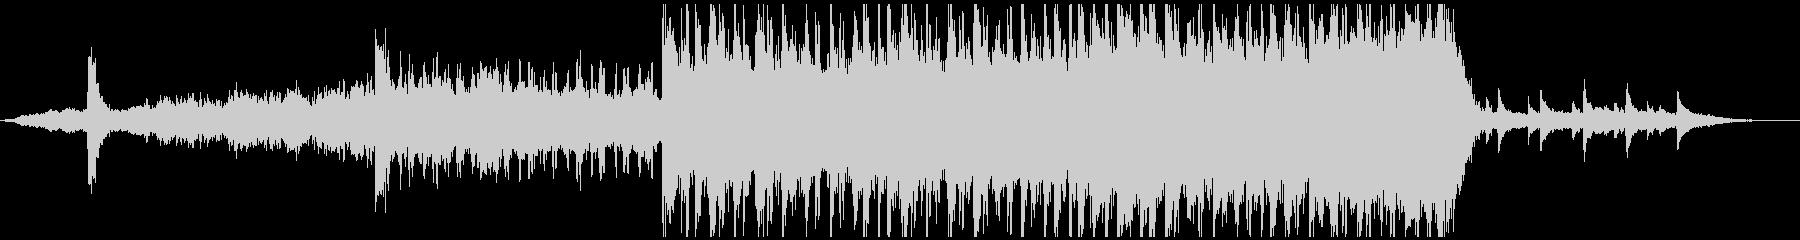 現代的 交響曲 アンビエント バト...の未再生の波形